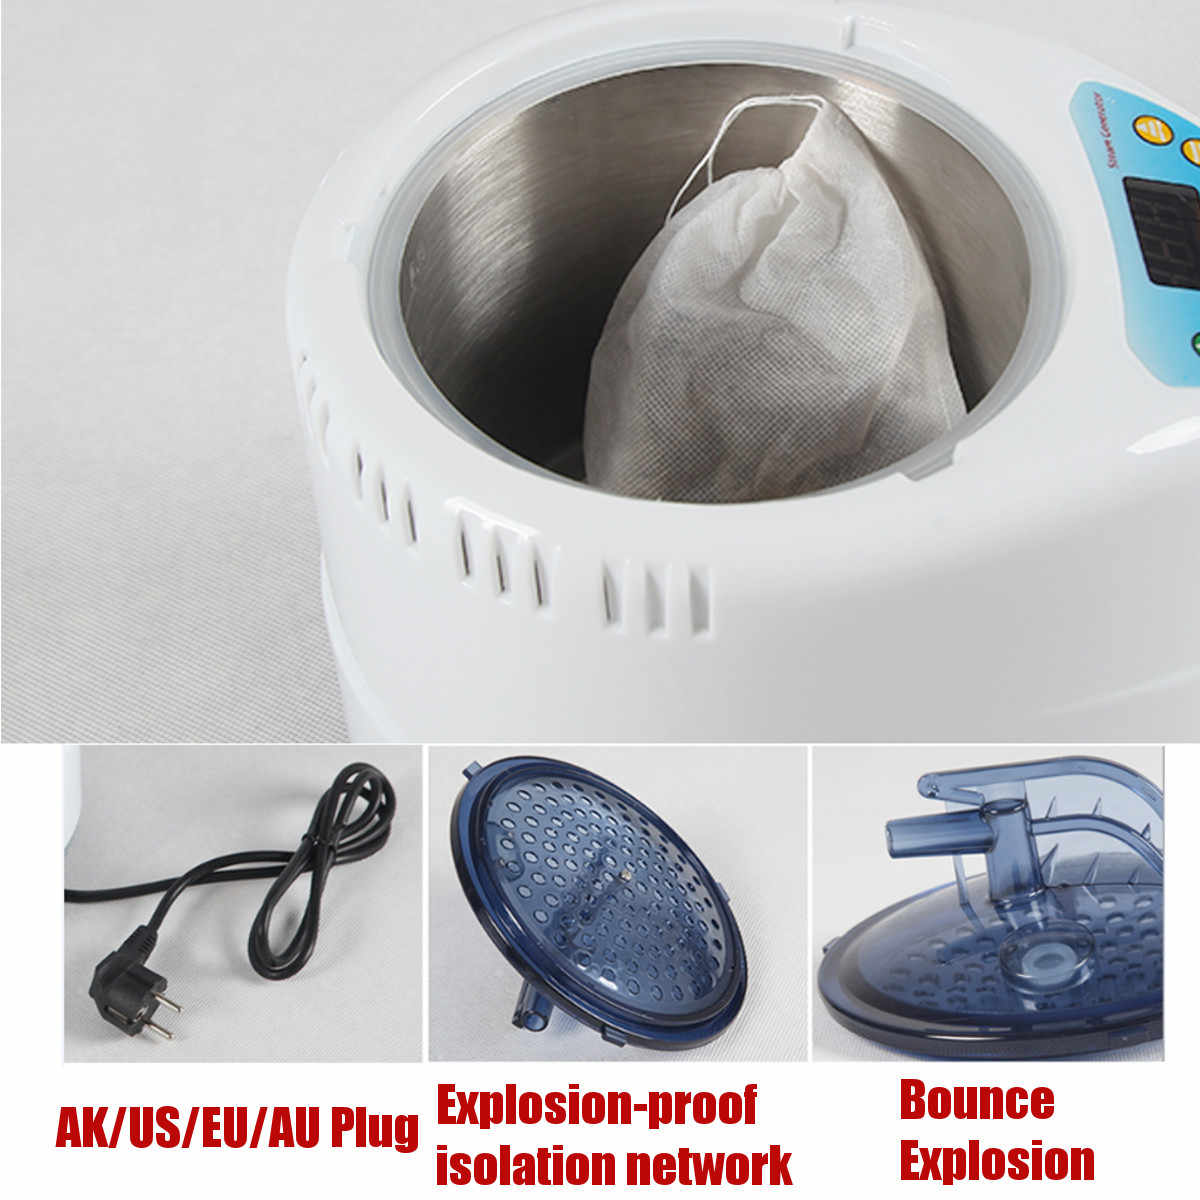 71*23*30 см Паровая сауна Портативный бытовой сауна комната выгодно кожи инфракрасная, для похудения калорий спа-ванна с сауна в виде 220 V